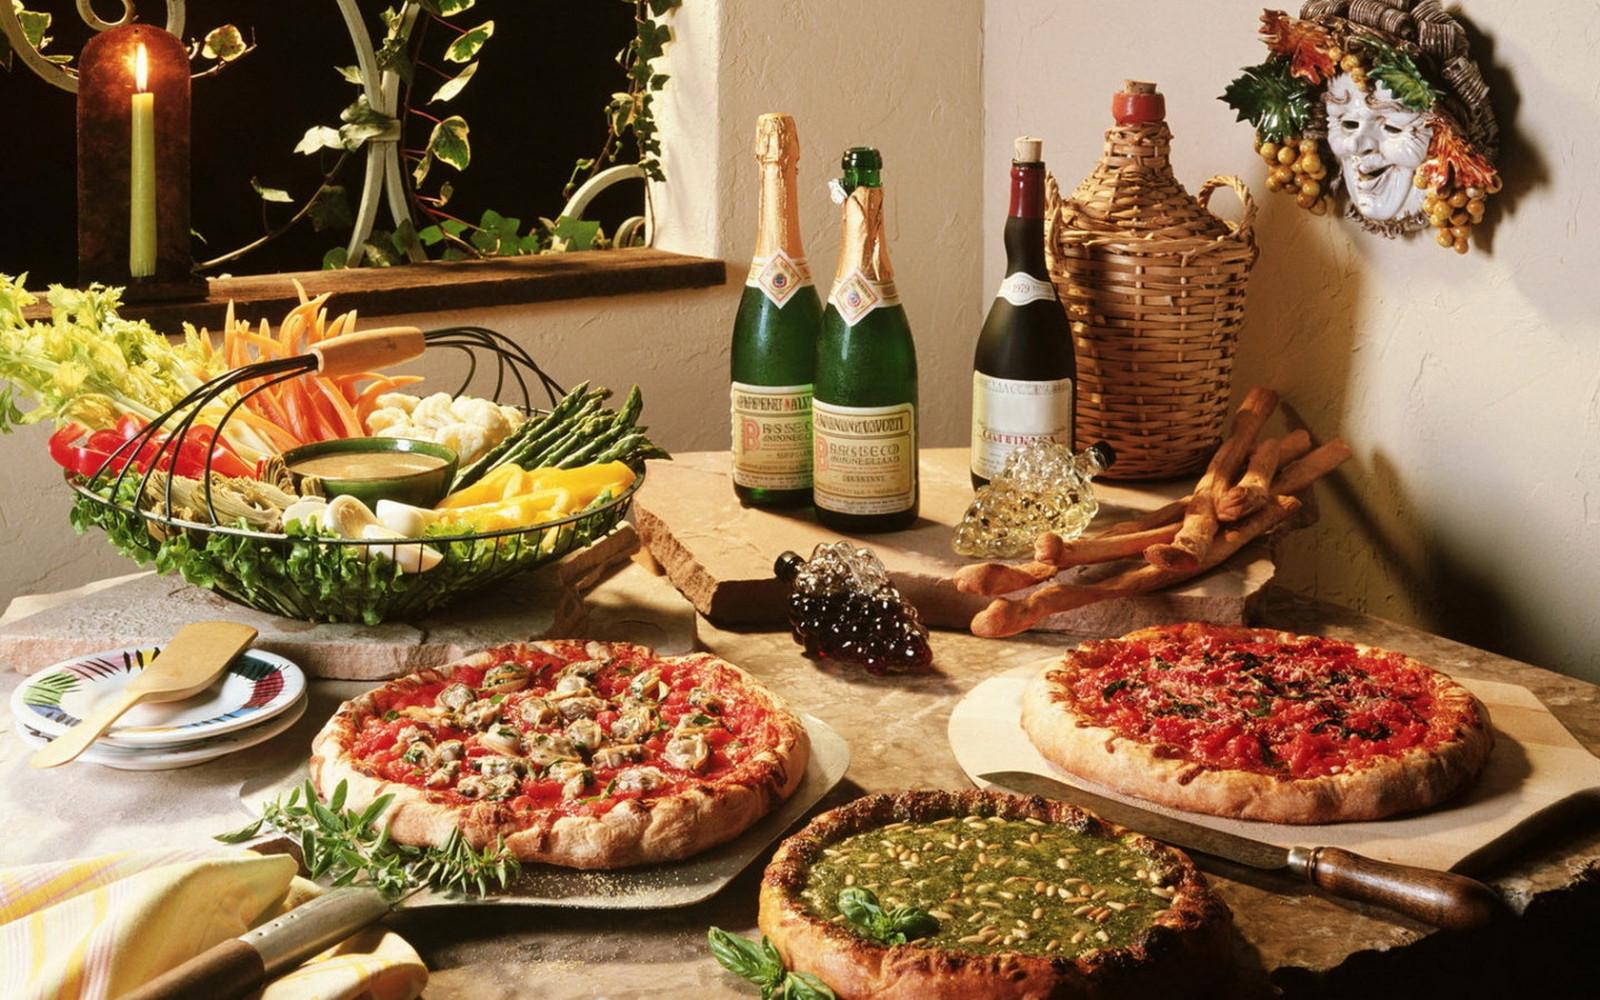 Fondos de pantalla  comida vino vegetales Pizza